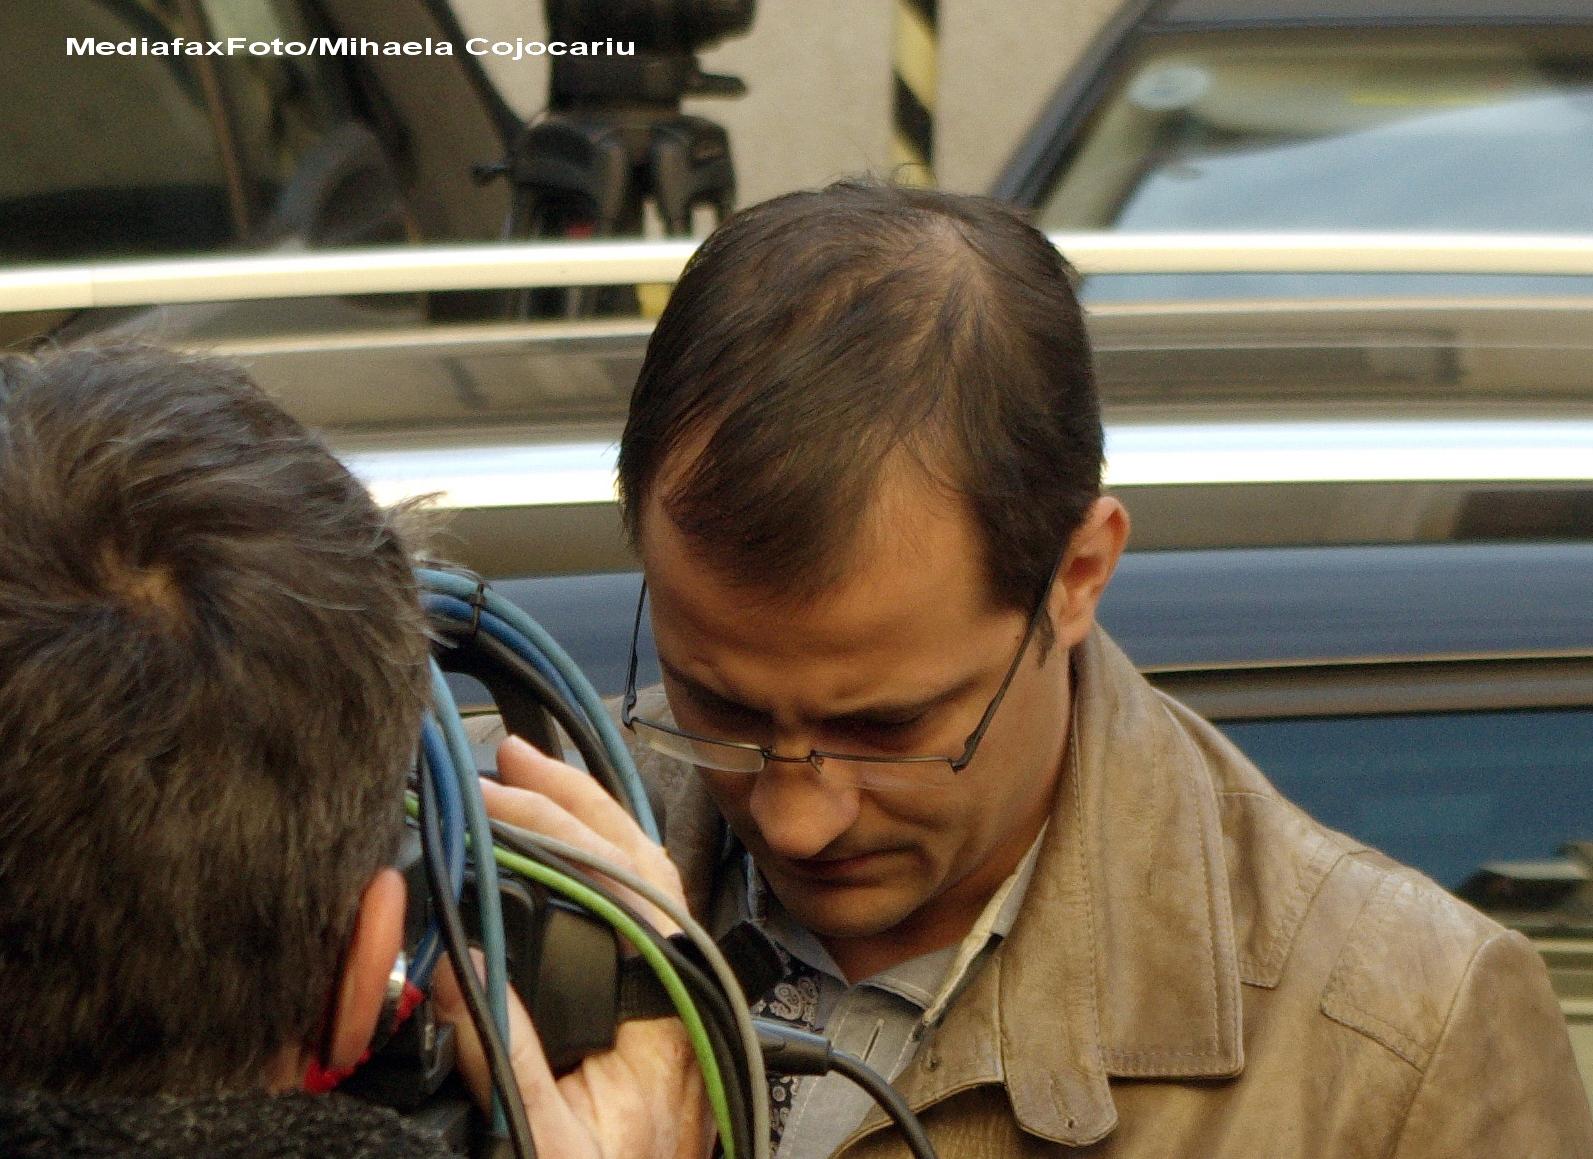 Serban Huidu nu s-a prezentat astazi la proces. Ce au declarat rudele victimelor in instanta